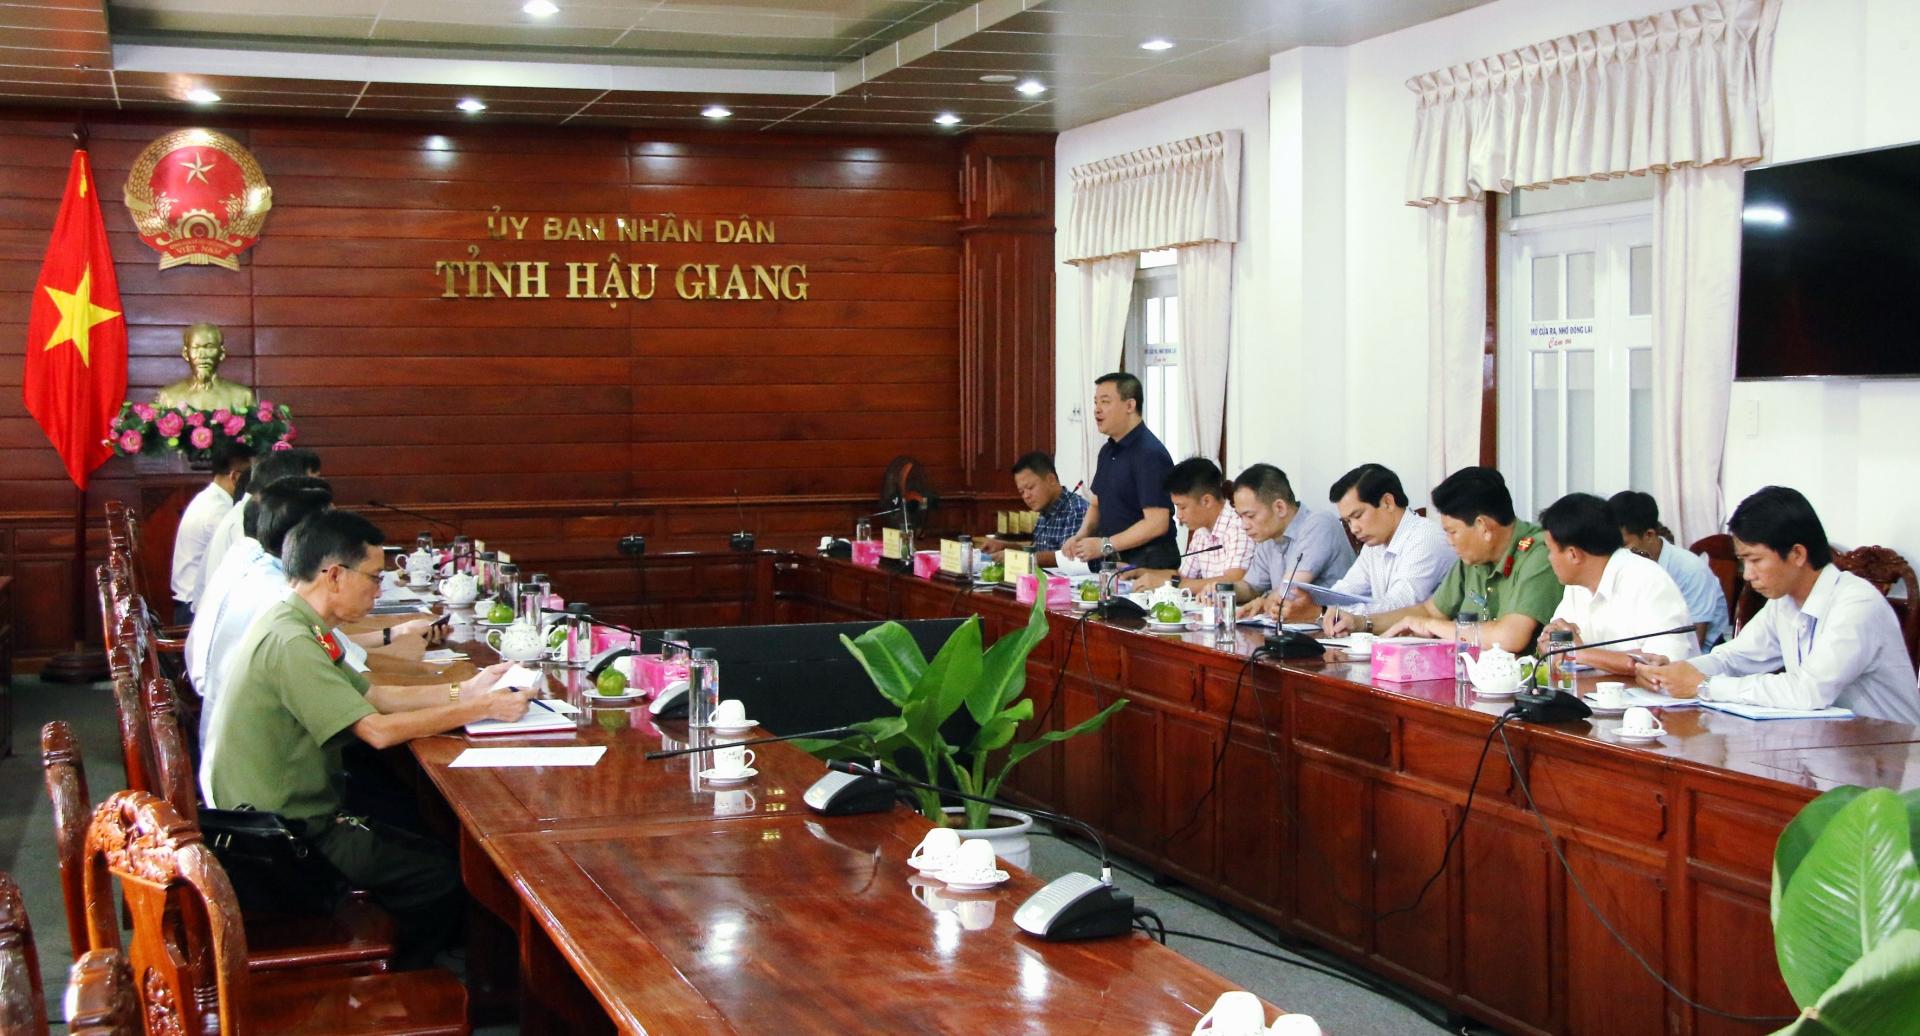 phi chinh phu nuoc ngoai da va dang trien khai 217 du an tai hau giang